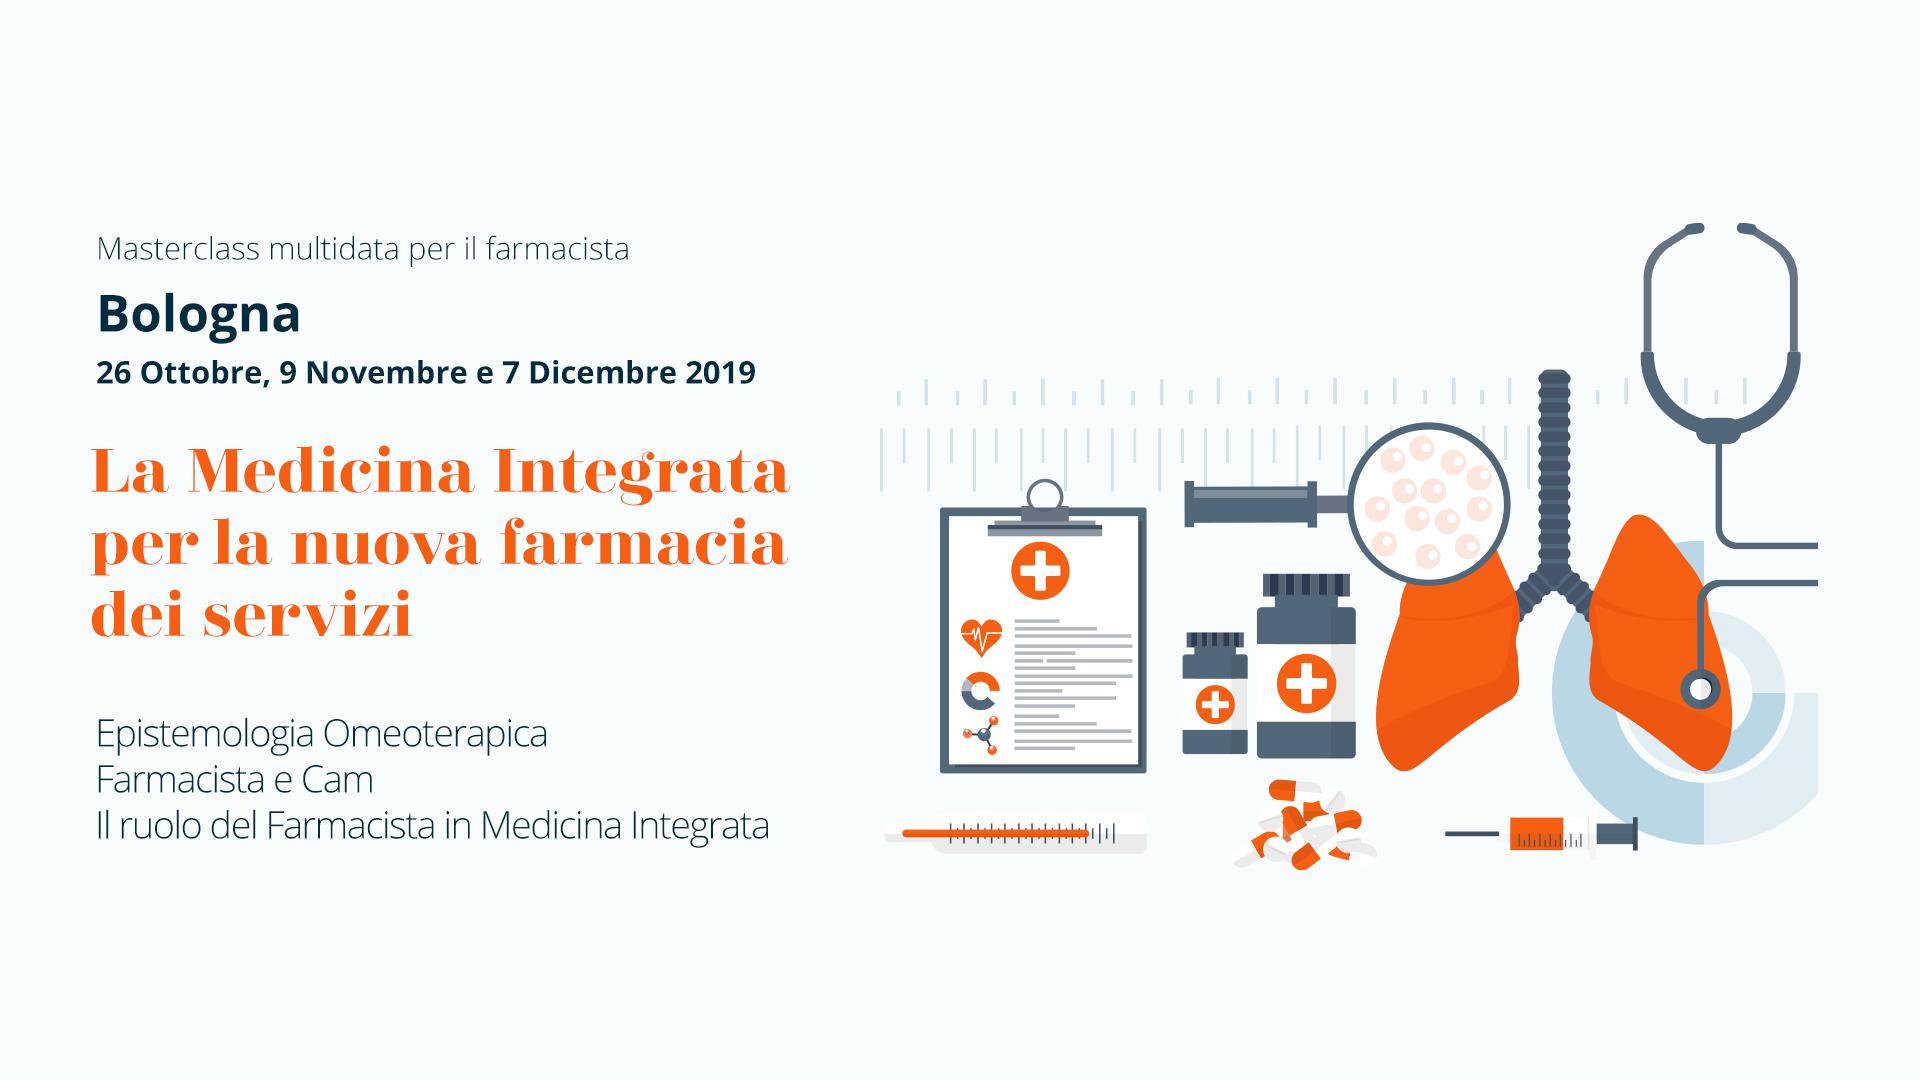 Bologna, Masterclass per farmacisti: La Medicina Integrata per la nuova farmacia dei servizi